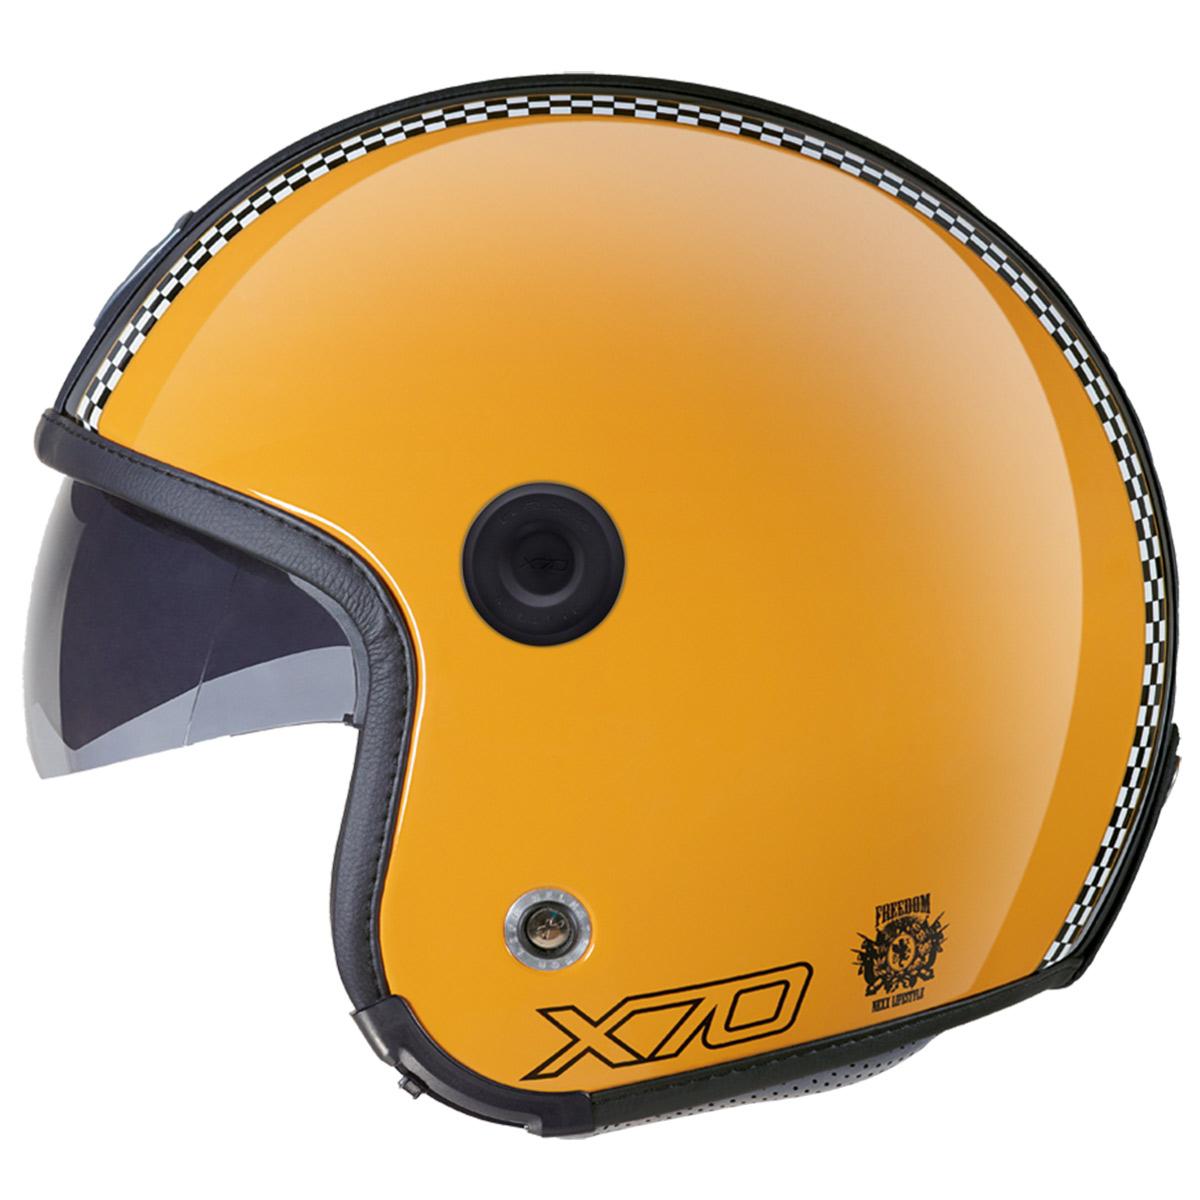 Capacete Nexx X70 Freedom Retro Yellowck - (Só 60/L)  - Nova Suzuki Motos e Acessórios